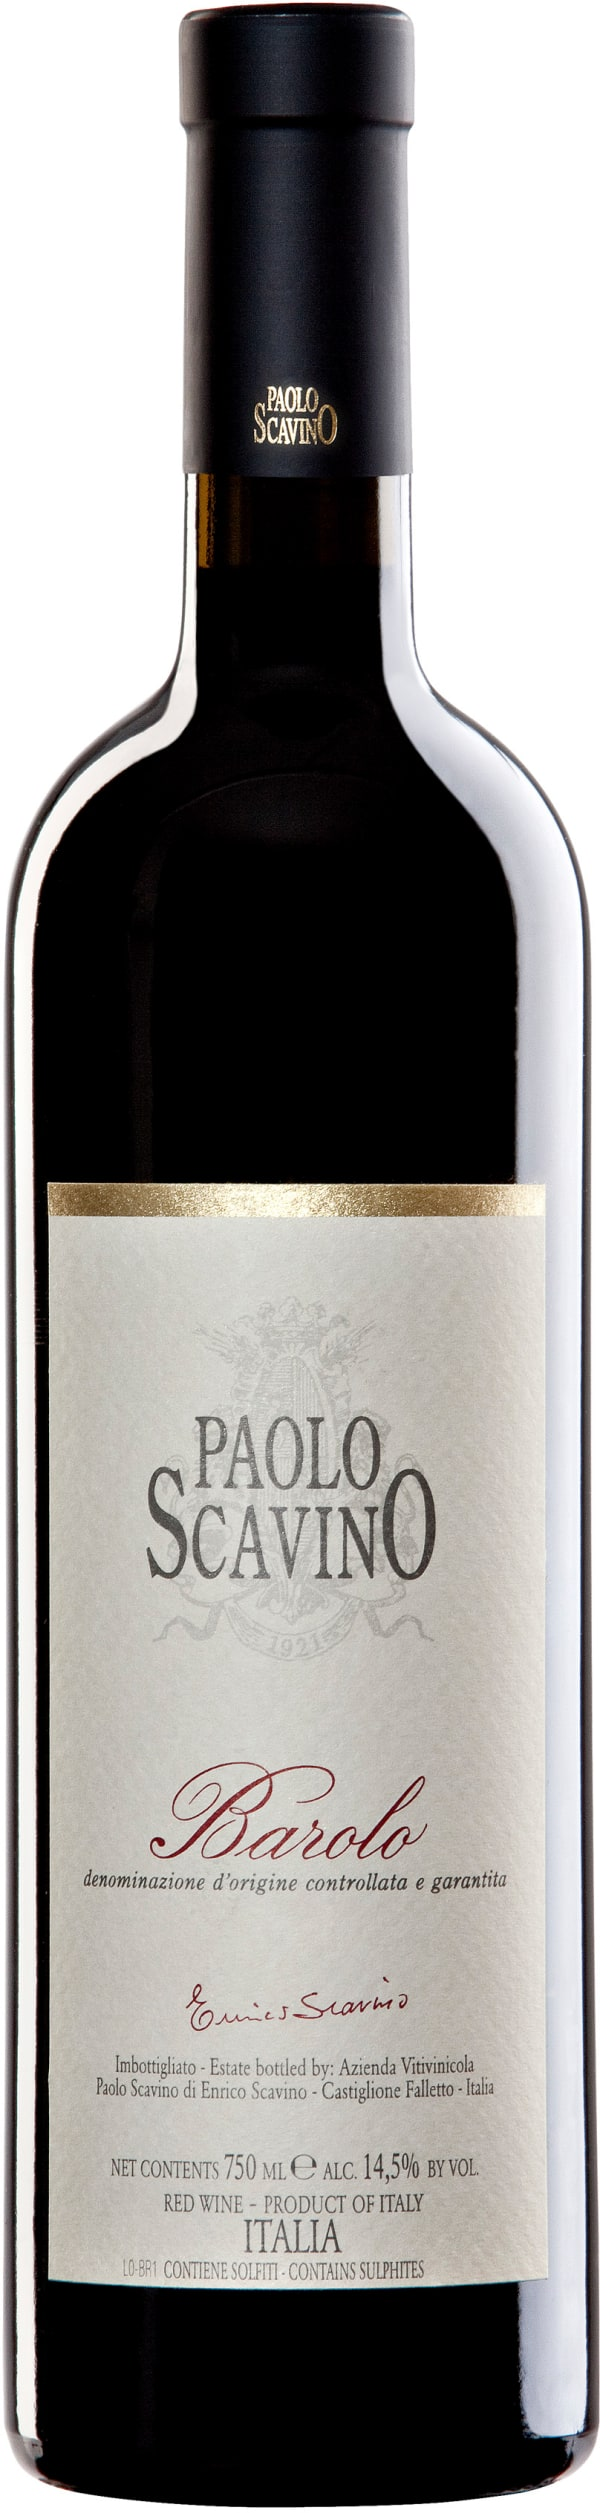 Paolo Scavino Barolo 2013